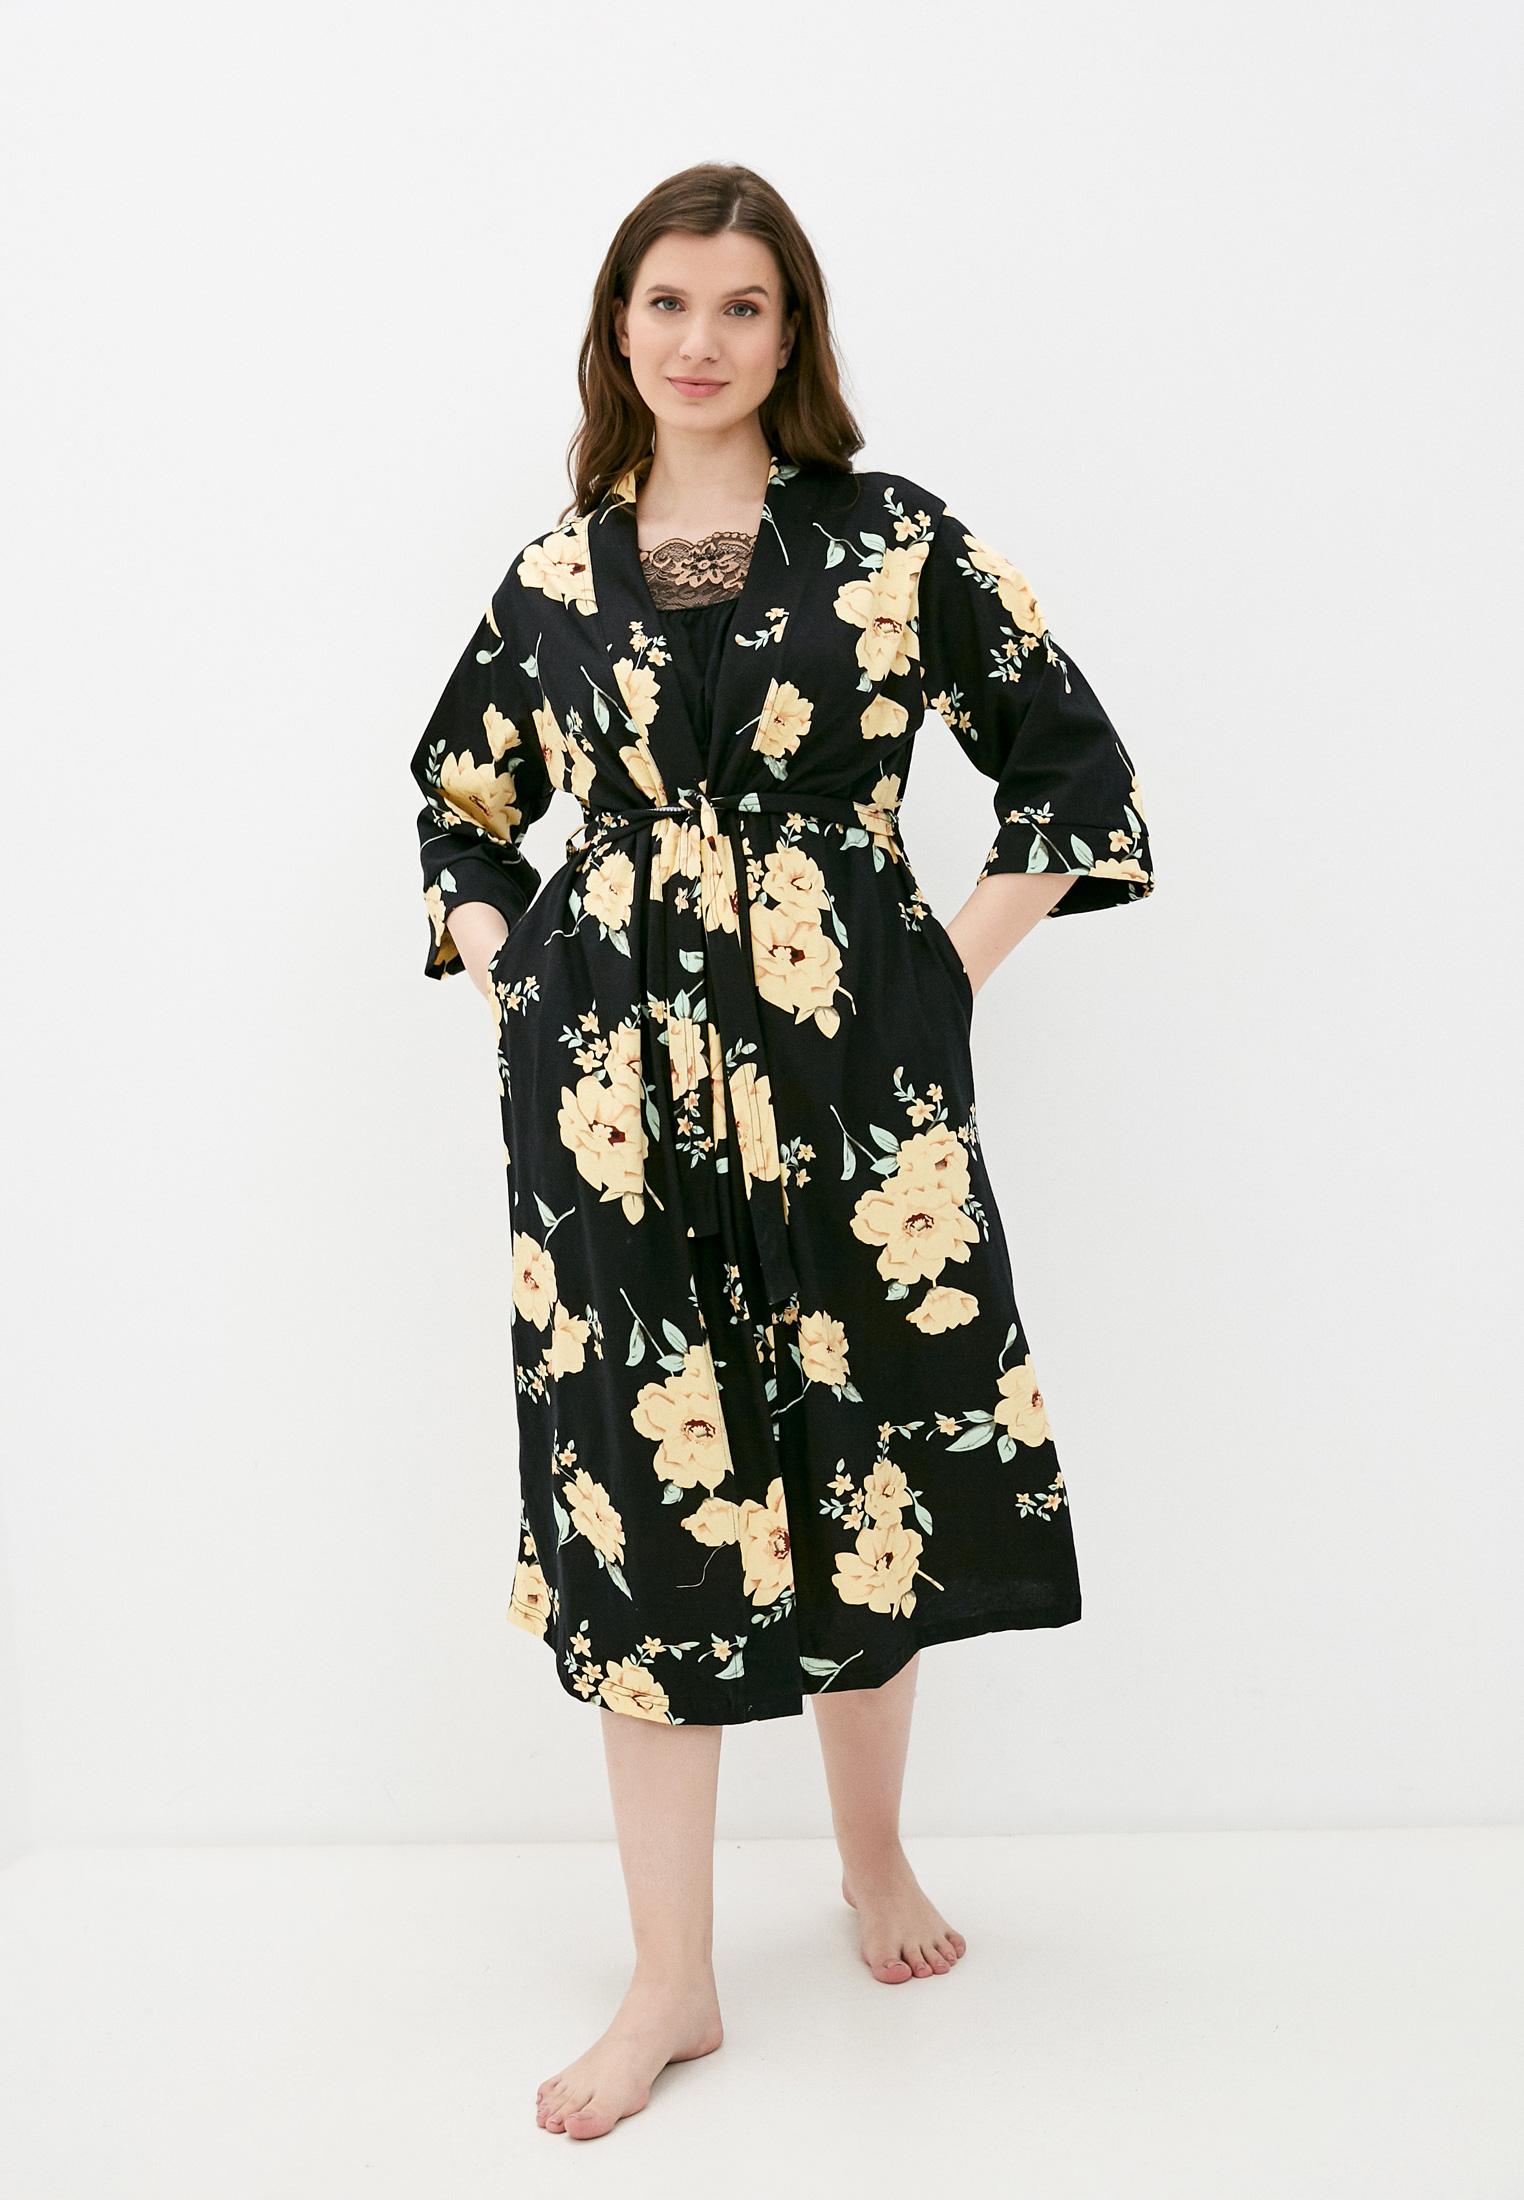 Женское белье и одежда для дома Winzor ДК369